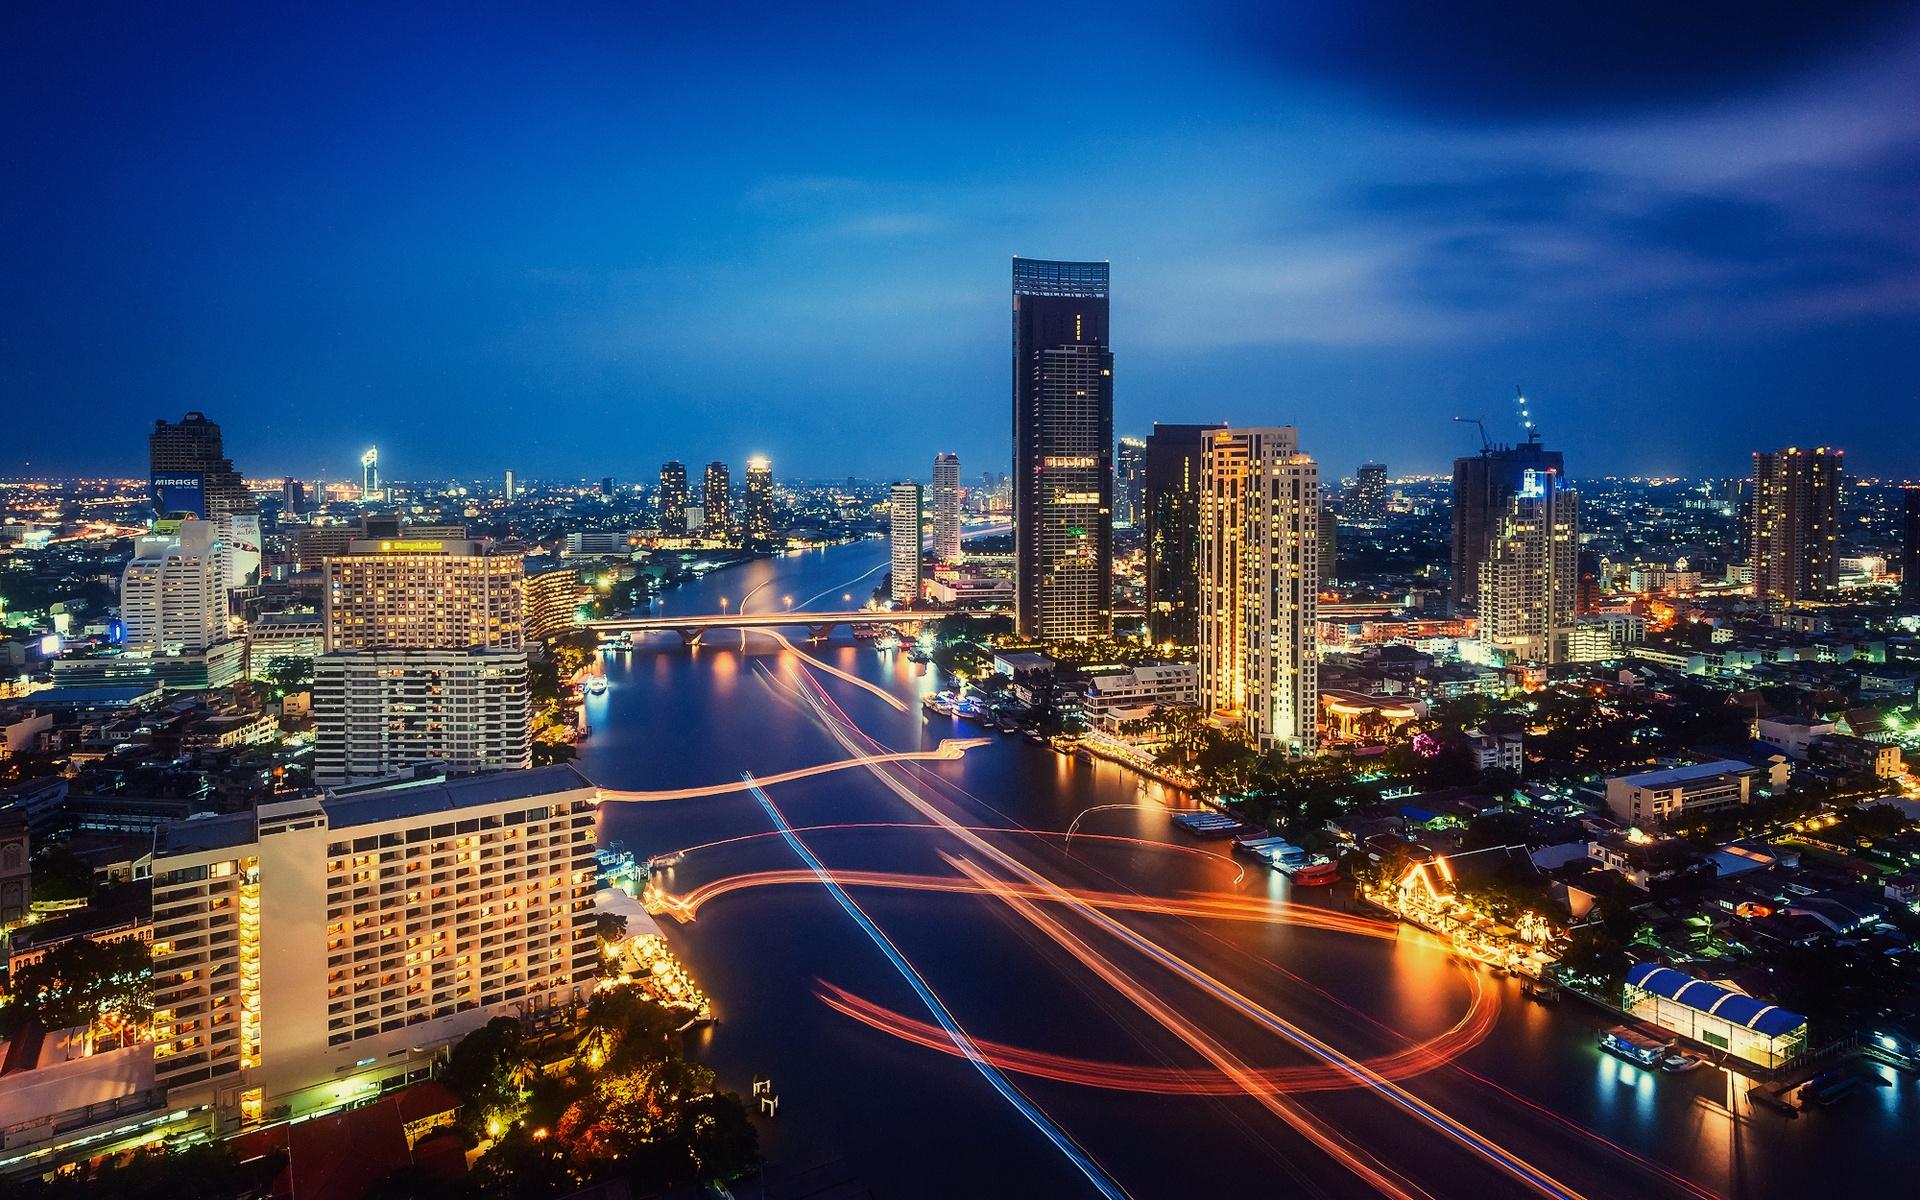 сильно загружен бангкок фото города обои для айфона следующем этапе